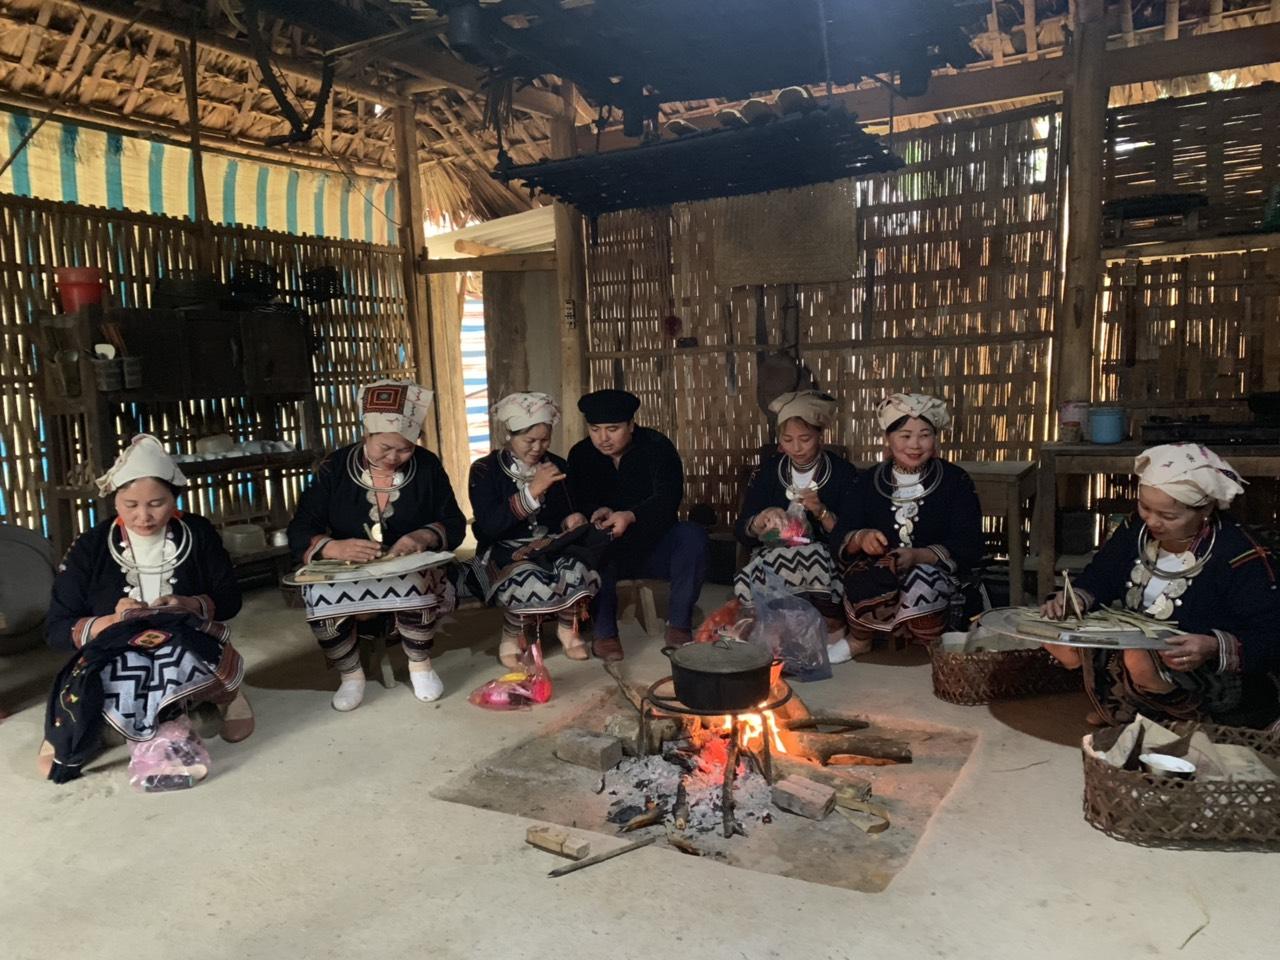 Anh Bàn Văn Nam, thôn Bản Tháng, xã Trung Hà (Chiêm Hóa), Chủ nhiệm Câu lạc bộ Văn hóa Dao Trung Hà (Chiêm Hóa) cùng thành viên các Câu lạc bộ làm trang phục người Dao.